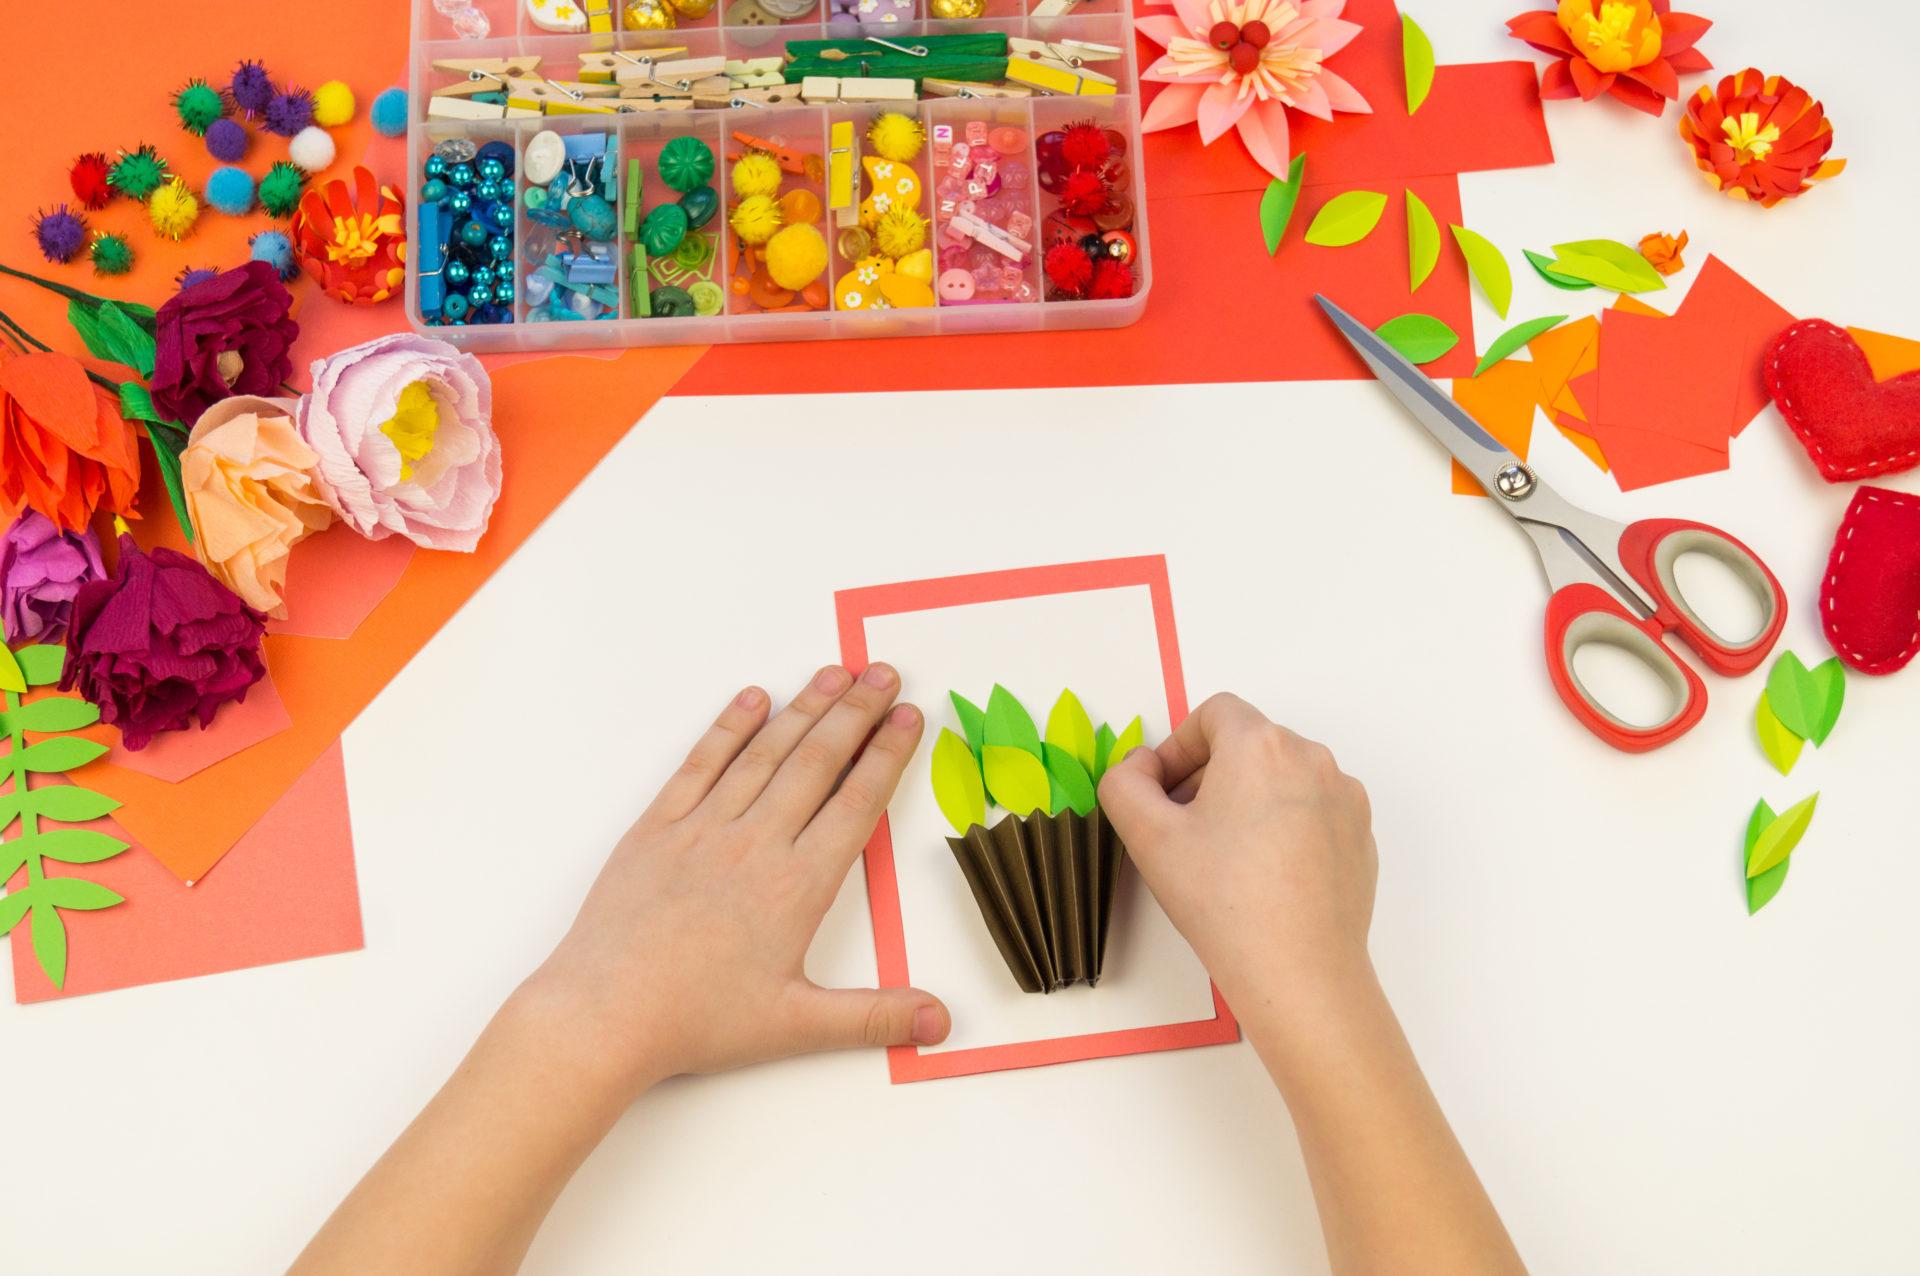 Activités Pour Enfant Pour Le Printemps ; Loisirs Creatifs à Activité Manuelle Enfant 4 Ans